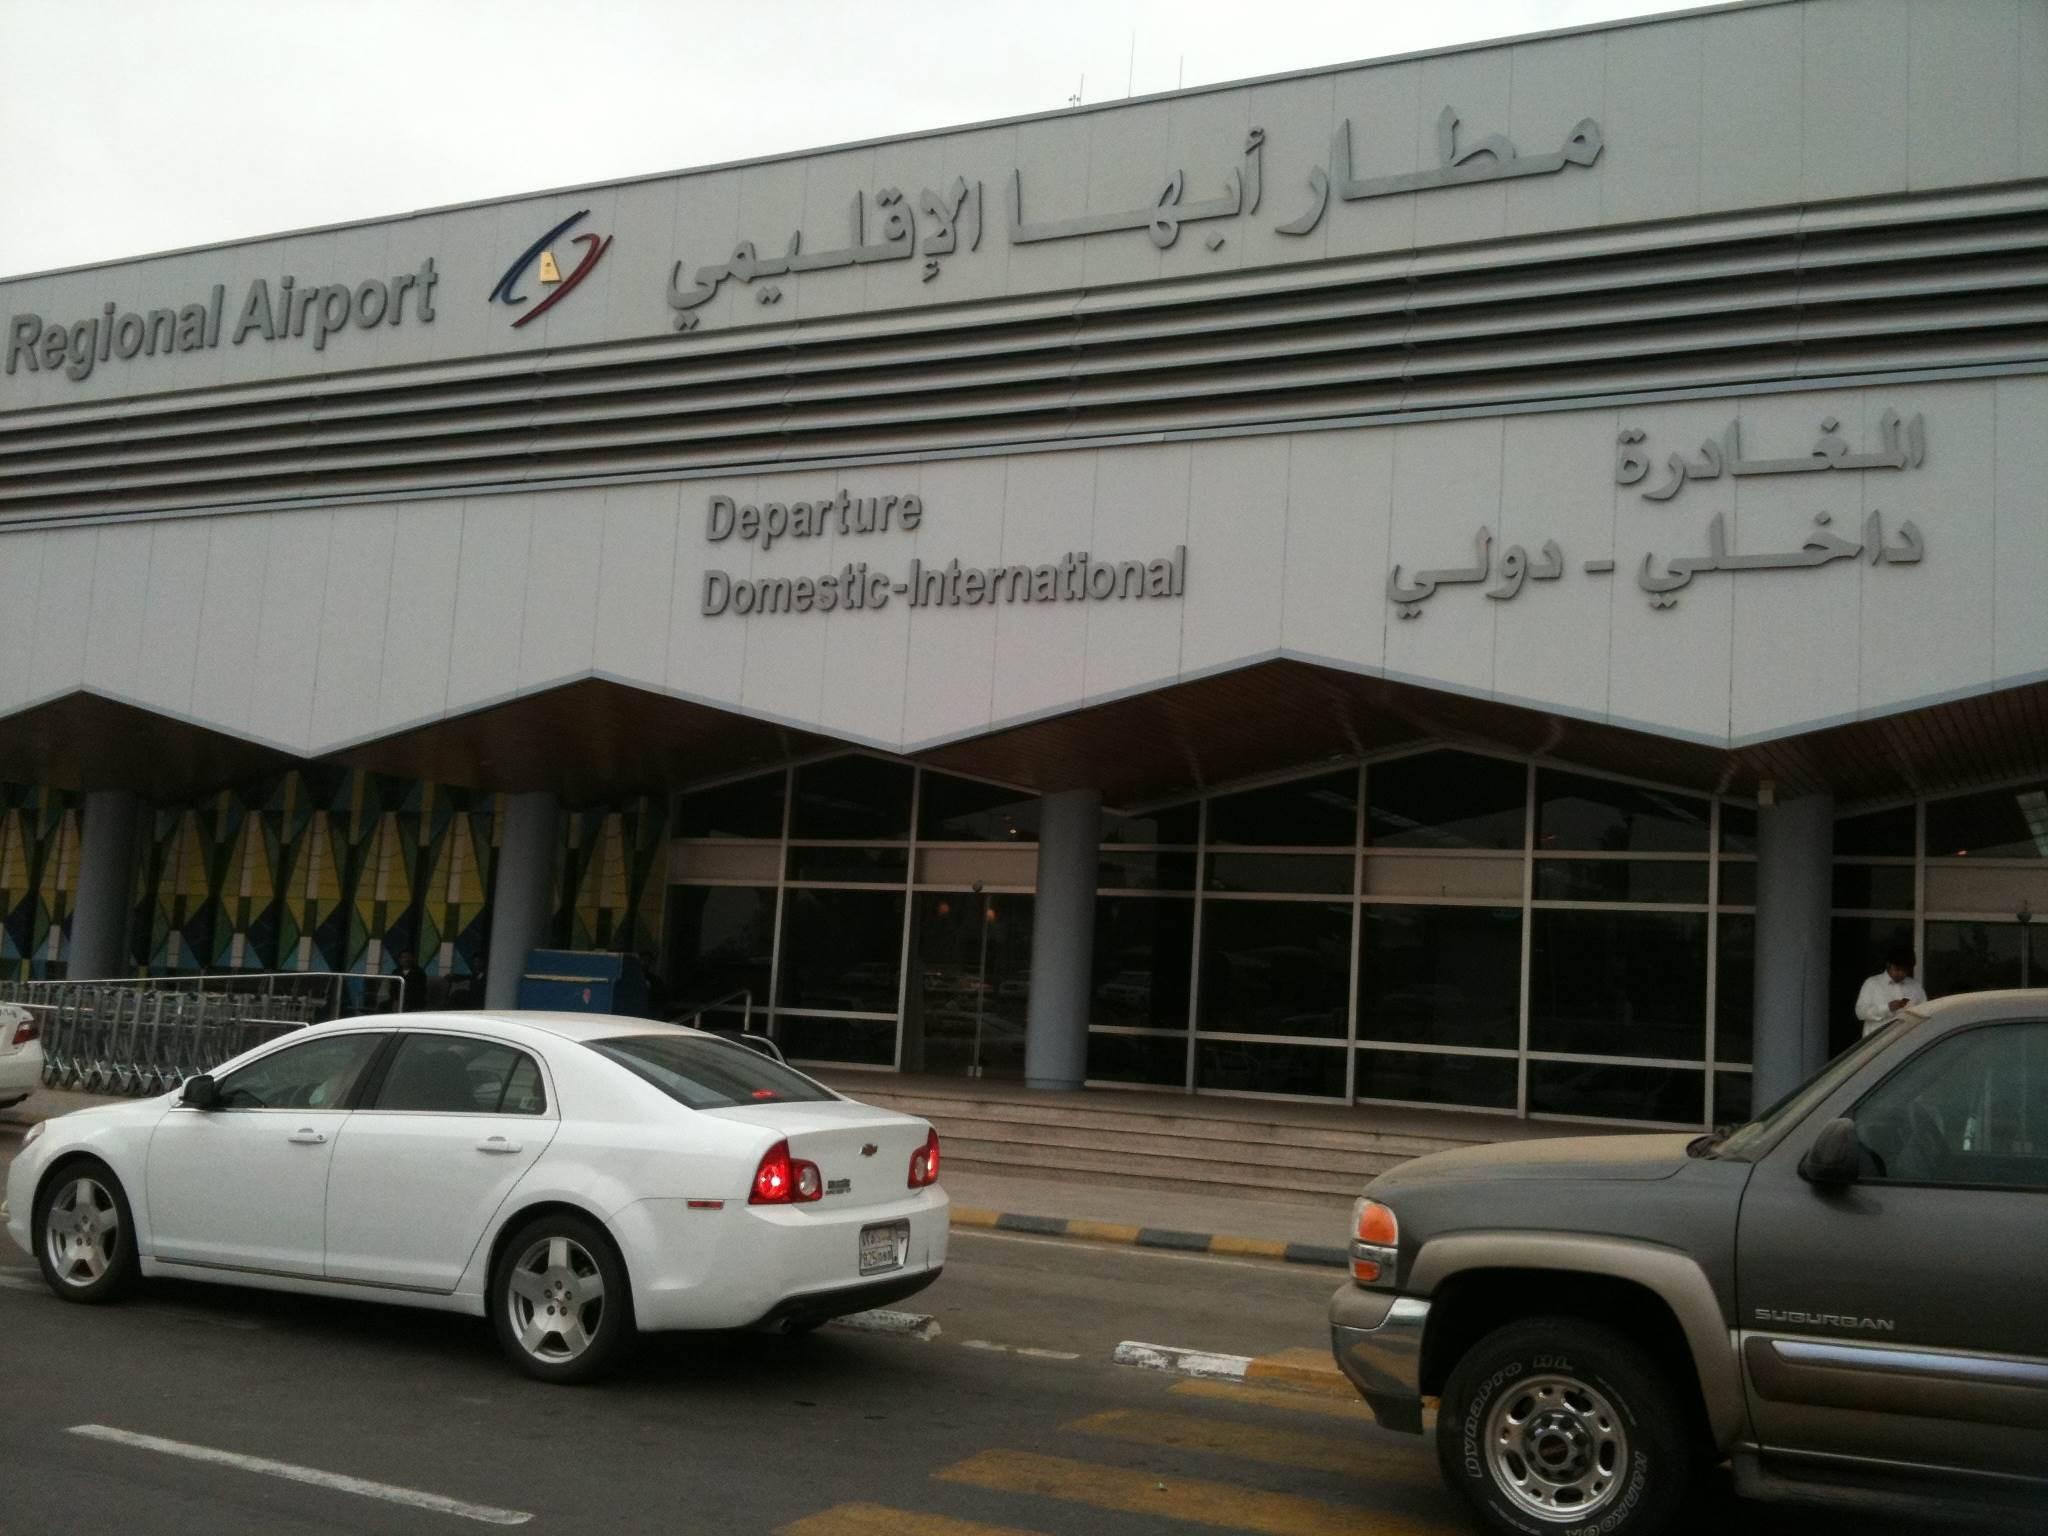 سريع: استهداف مطار ابها يأتي ردّاً على تصعيد العدوان وجرائمه وحصاره المستمر لليمن